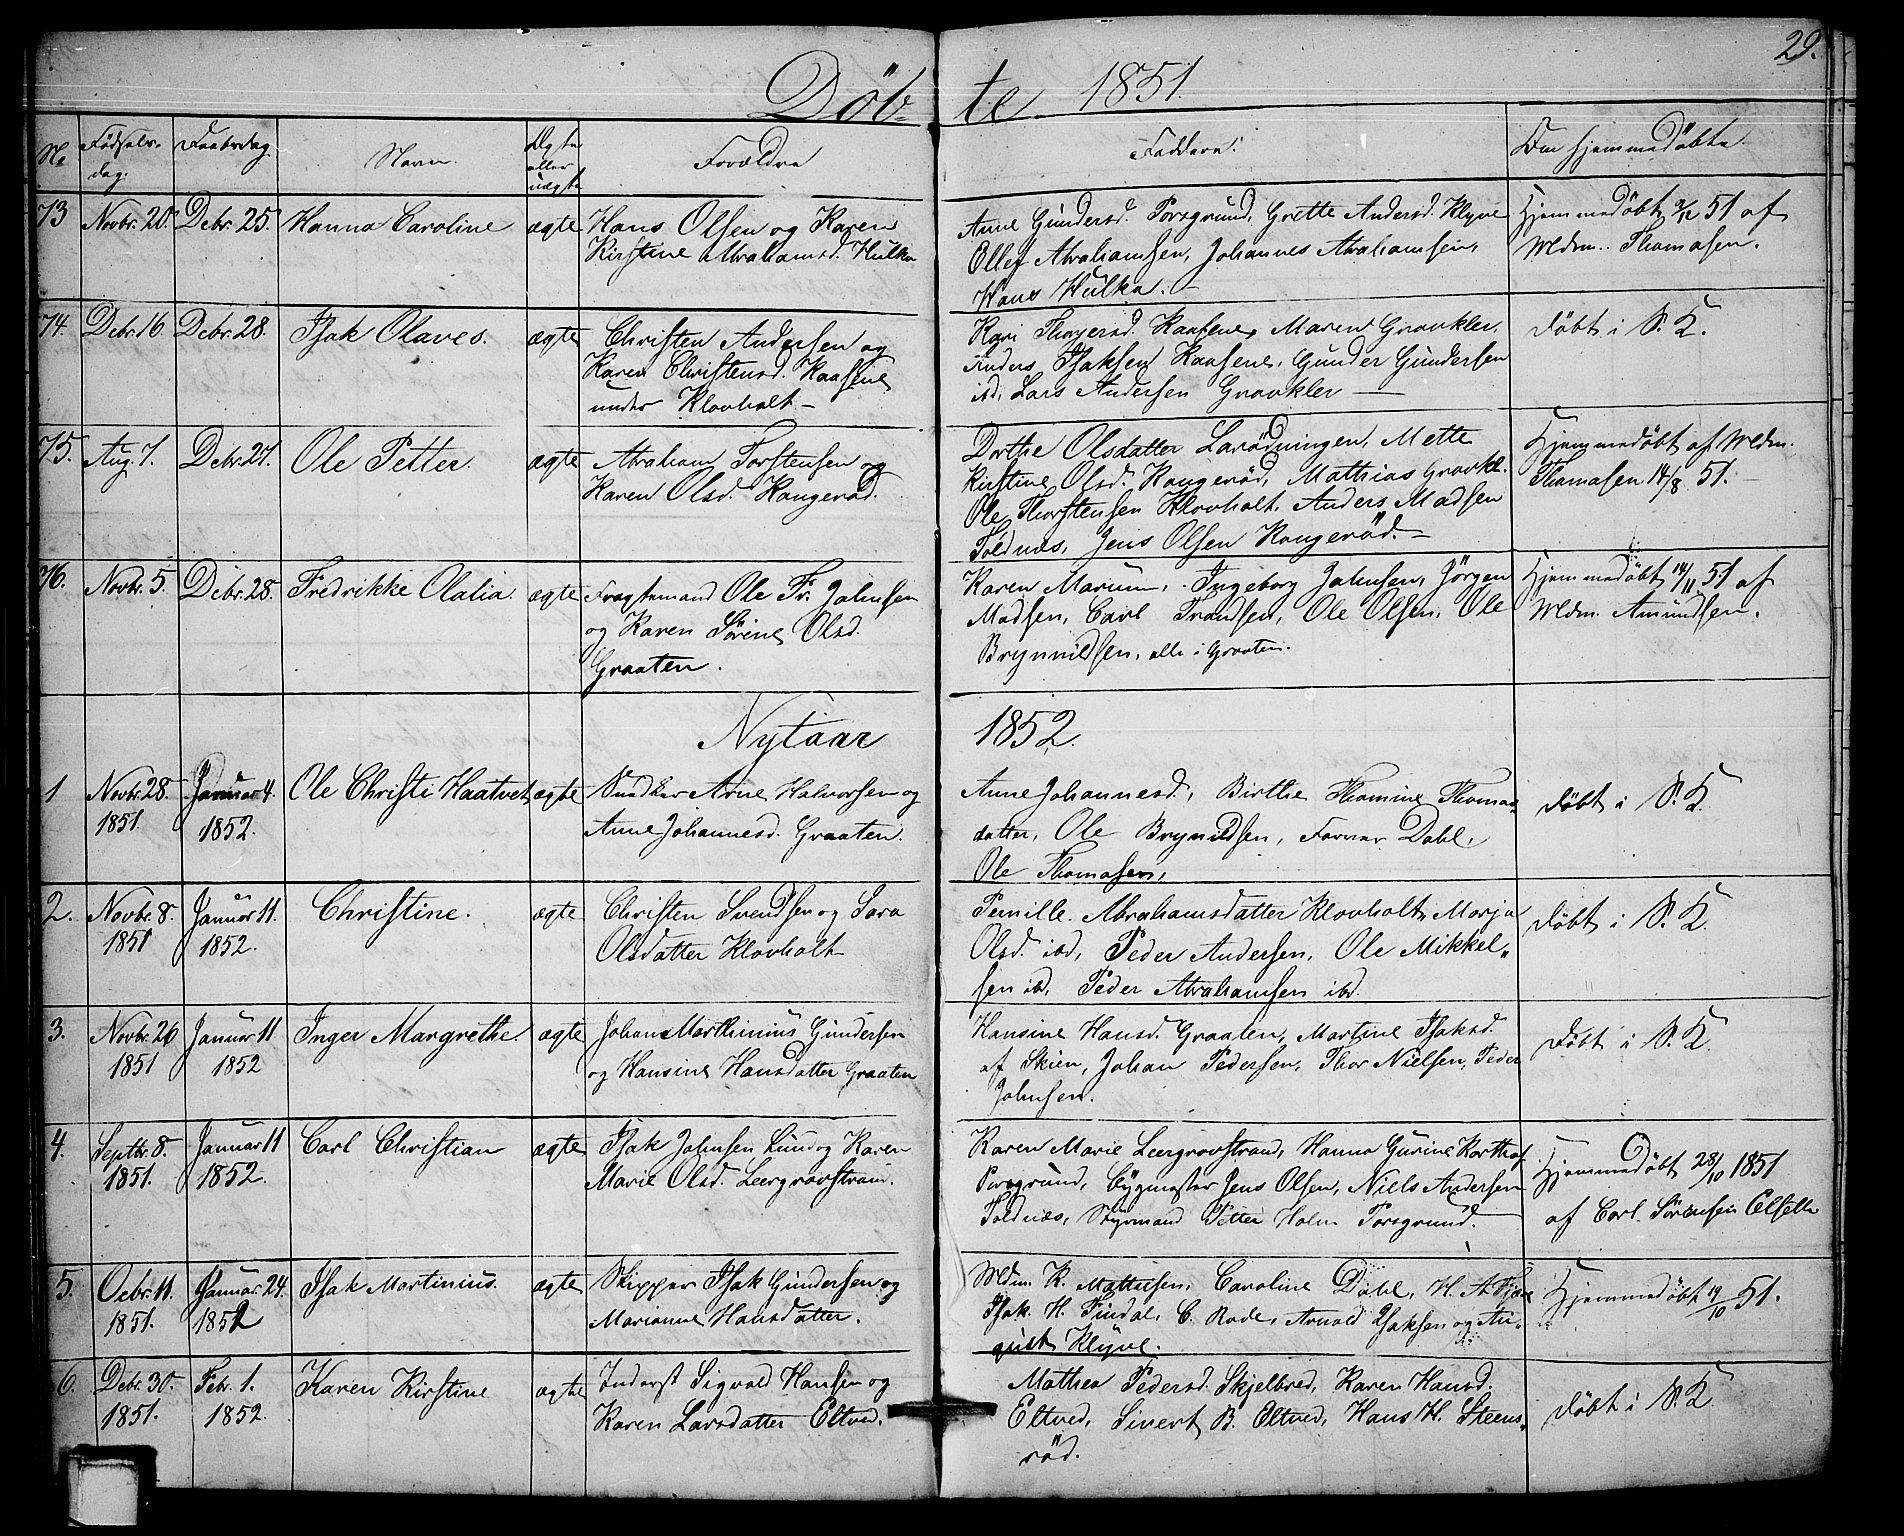 SAKO, Solum kirkebøker, G/Ga/L0003: Klokkerbok nr. I 3, 1848-1859, s. 29